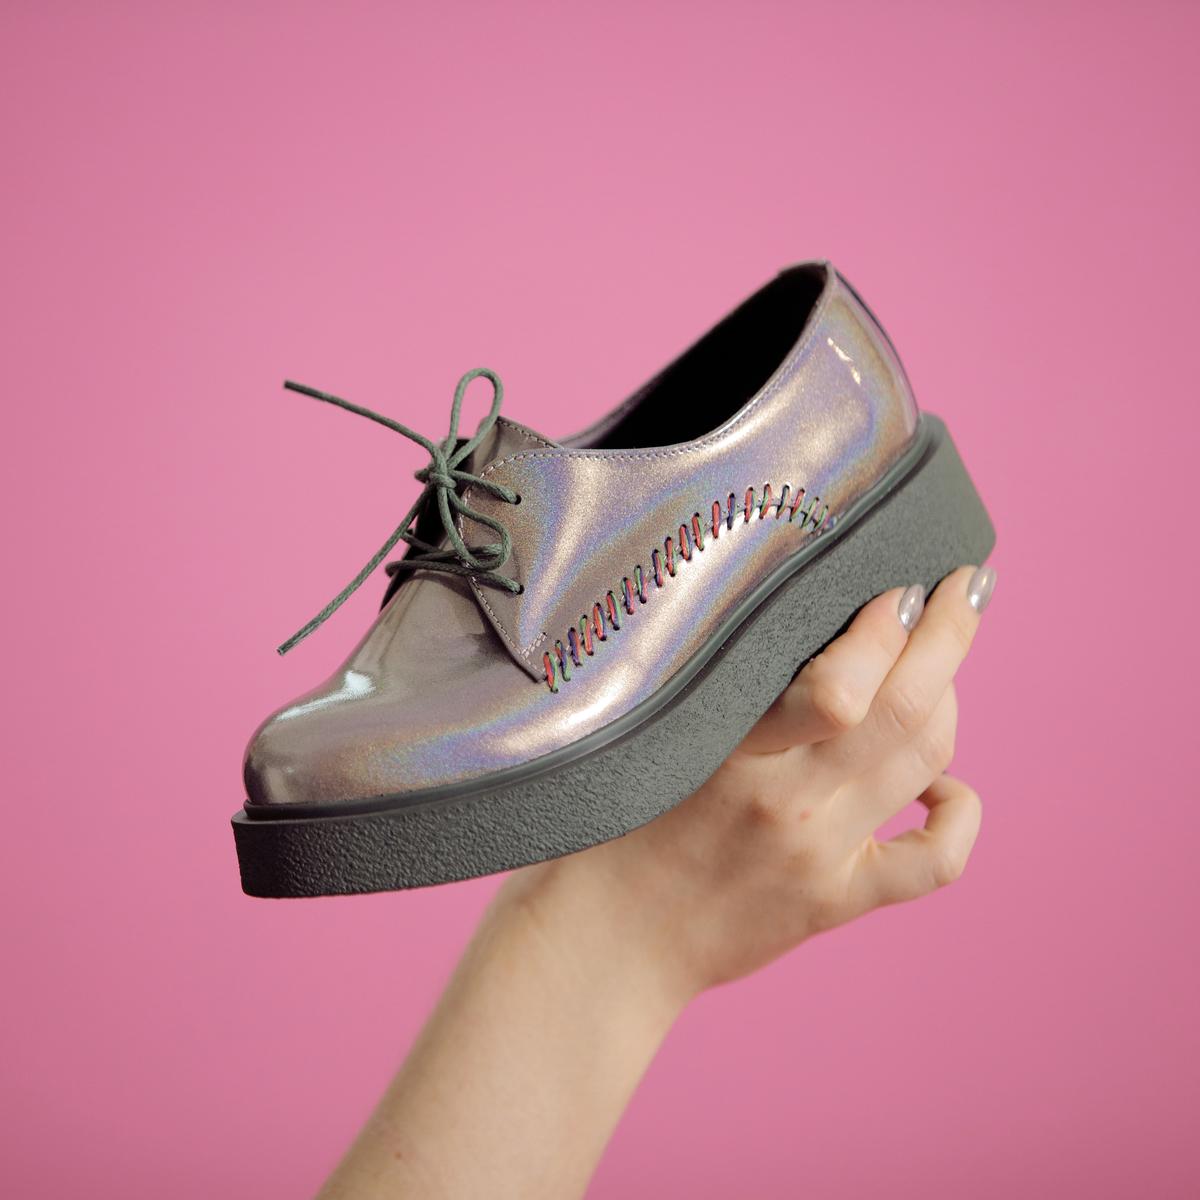 Українські бренди якісного взуття 1 1 6cee06bd3d3ee